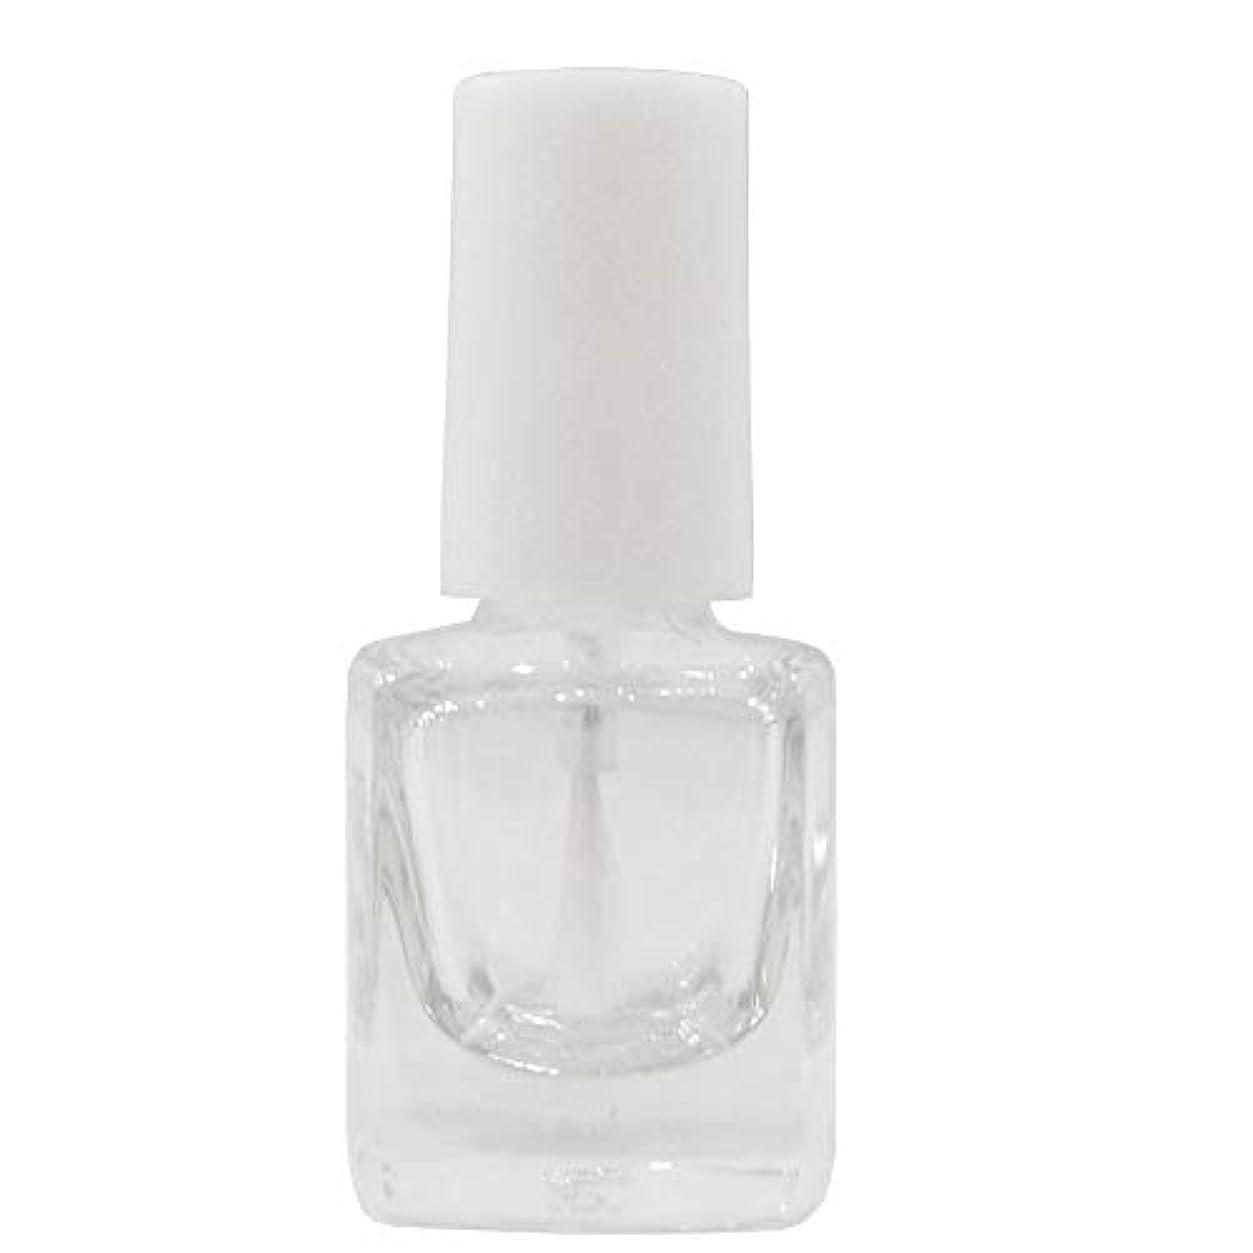 争うコース憂慮すべきマニキュア空ボトル5ml用?甘皮オイルなどを小分けするのに便利なスペアボトル 人気の白い刷毛